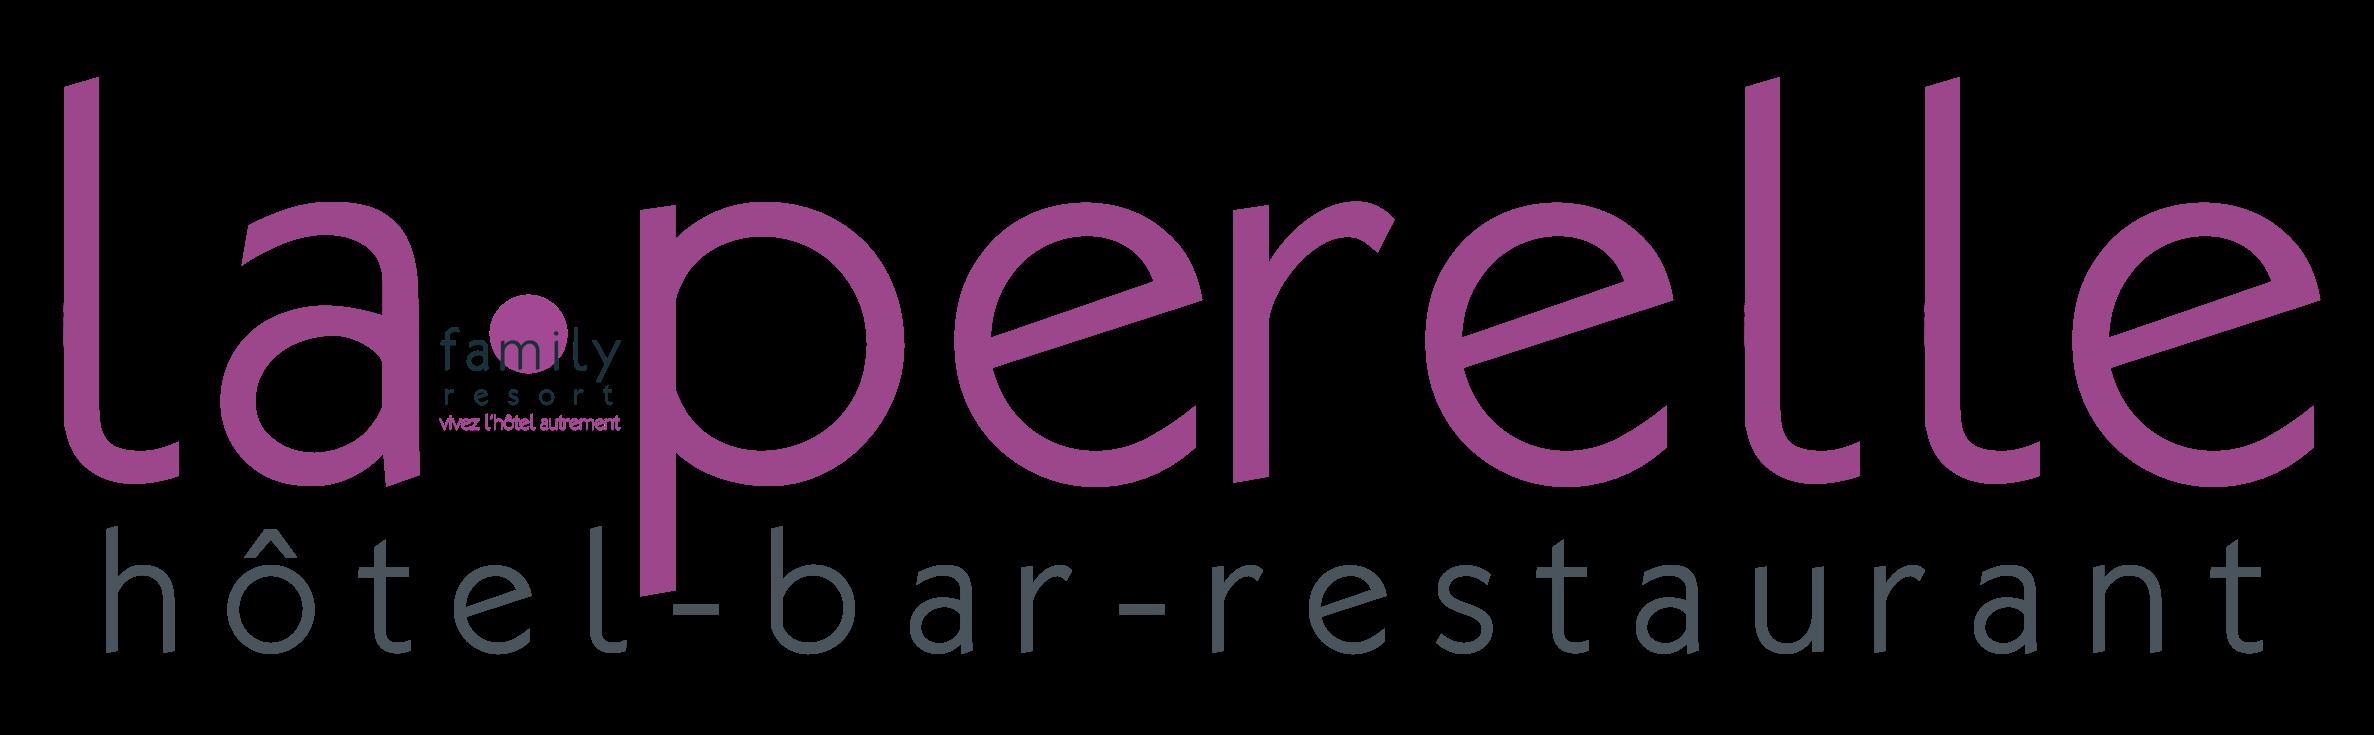 Logo la perelle